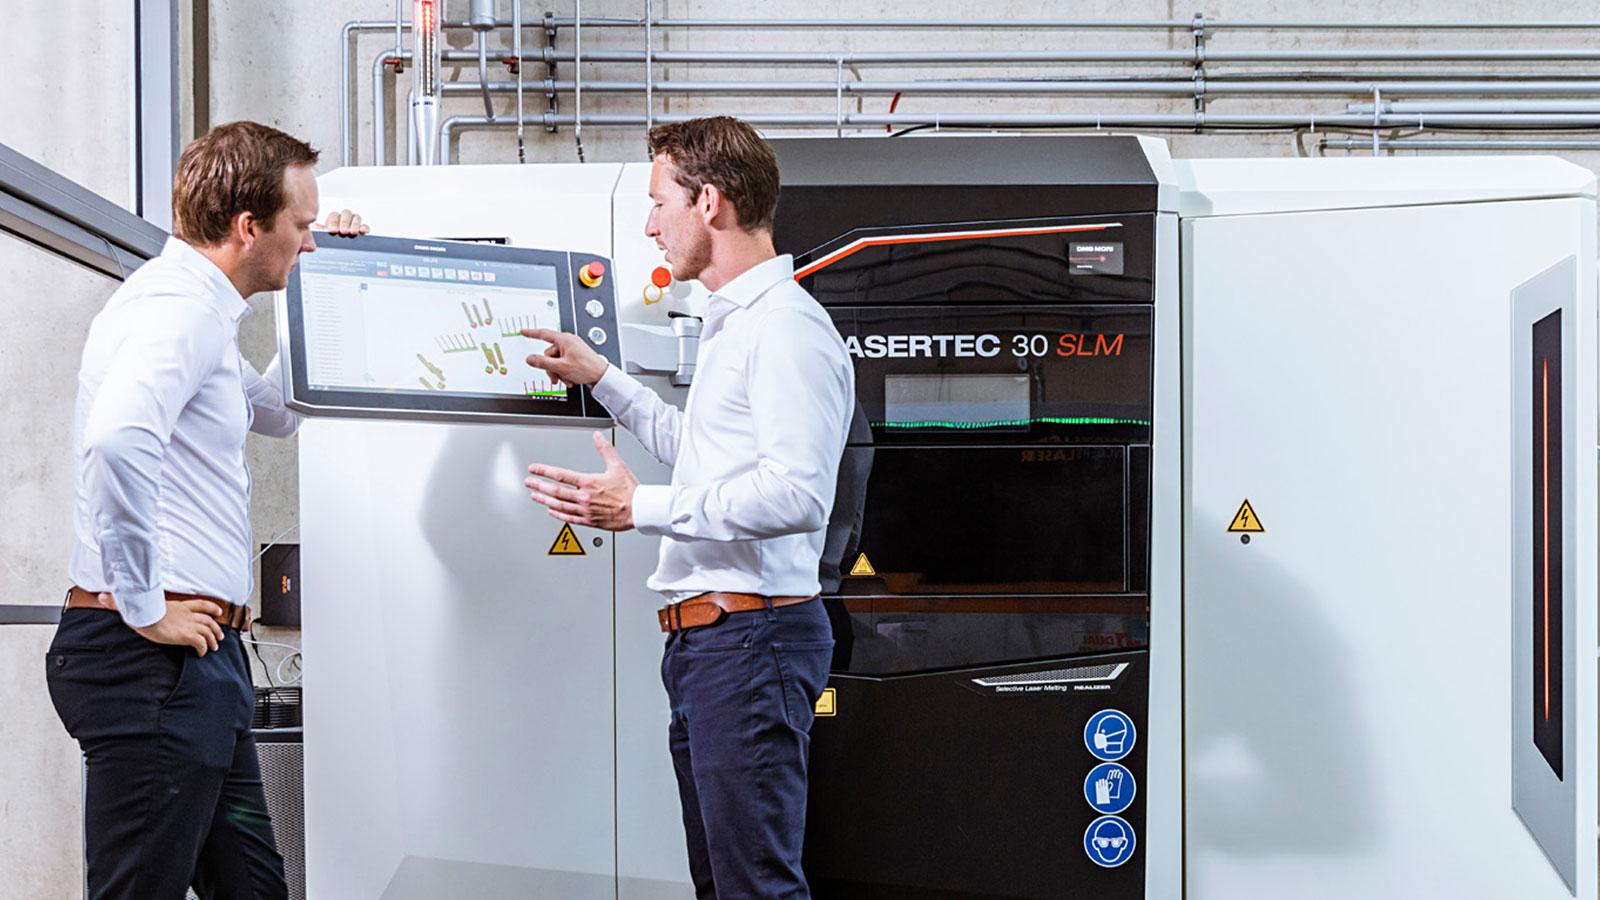 Mit tiefgreifendem ingenieurwissenschaftlichem Know-How entwickelt Bionic Production sowohl innovative und effiziente Produkte als auch neue Geschäftsmodelle und Lösungen.